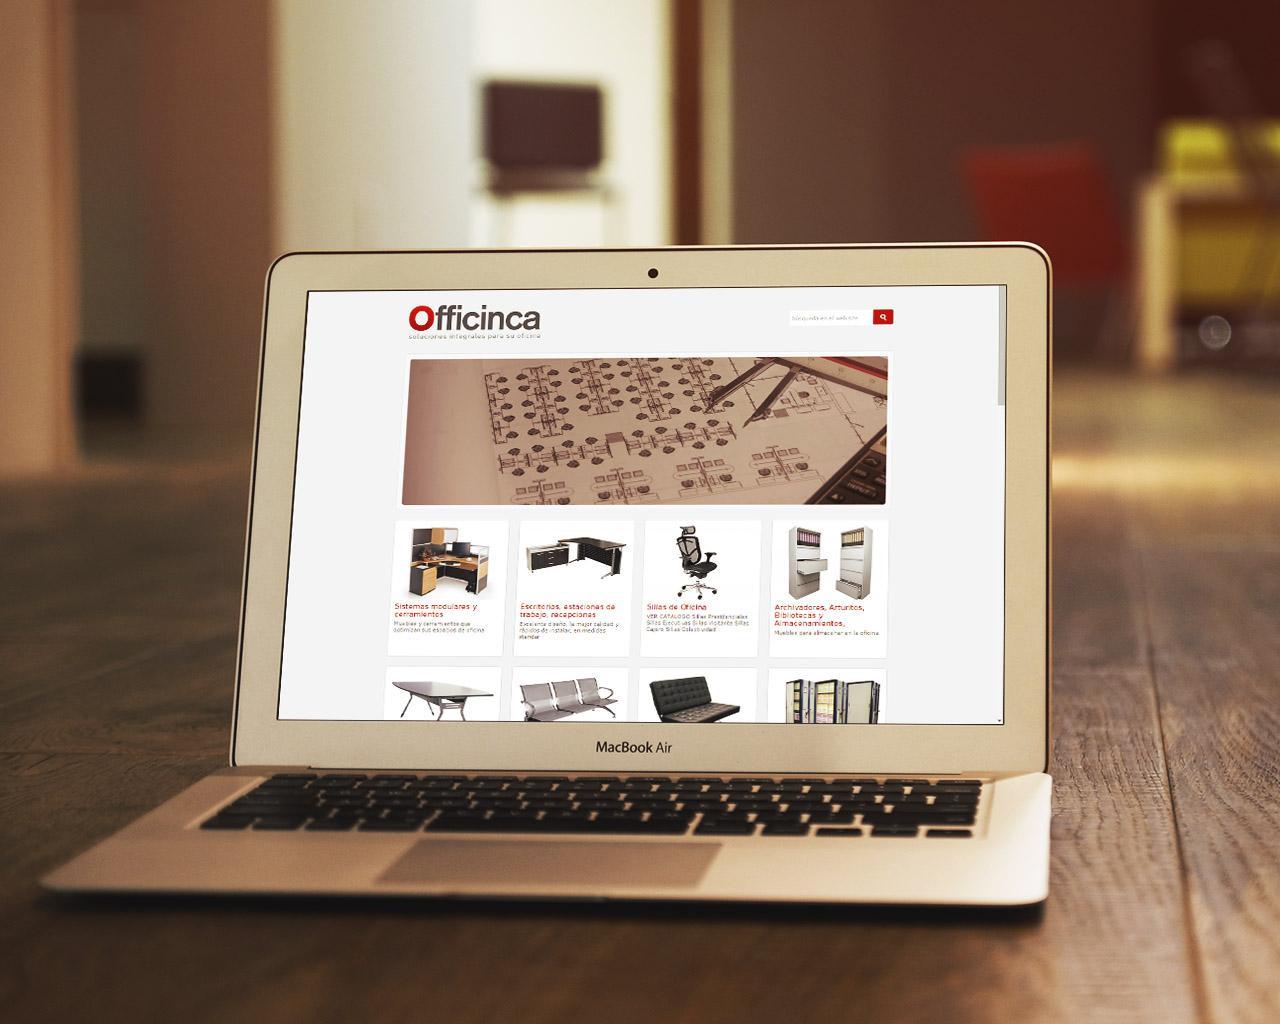 Imagen de Officinca.com por Movidagrafica